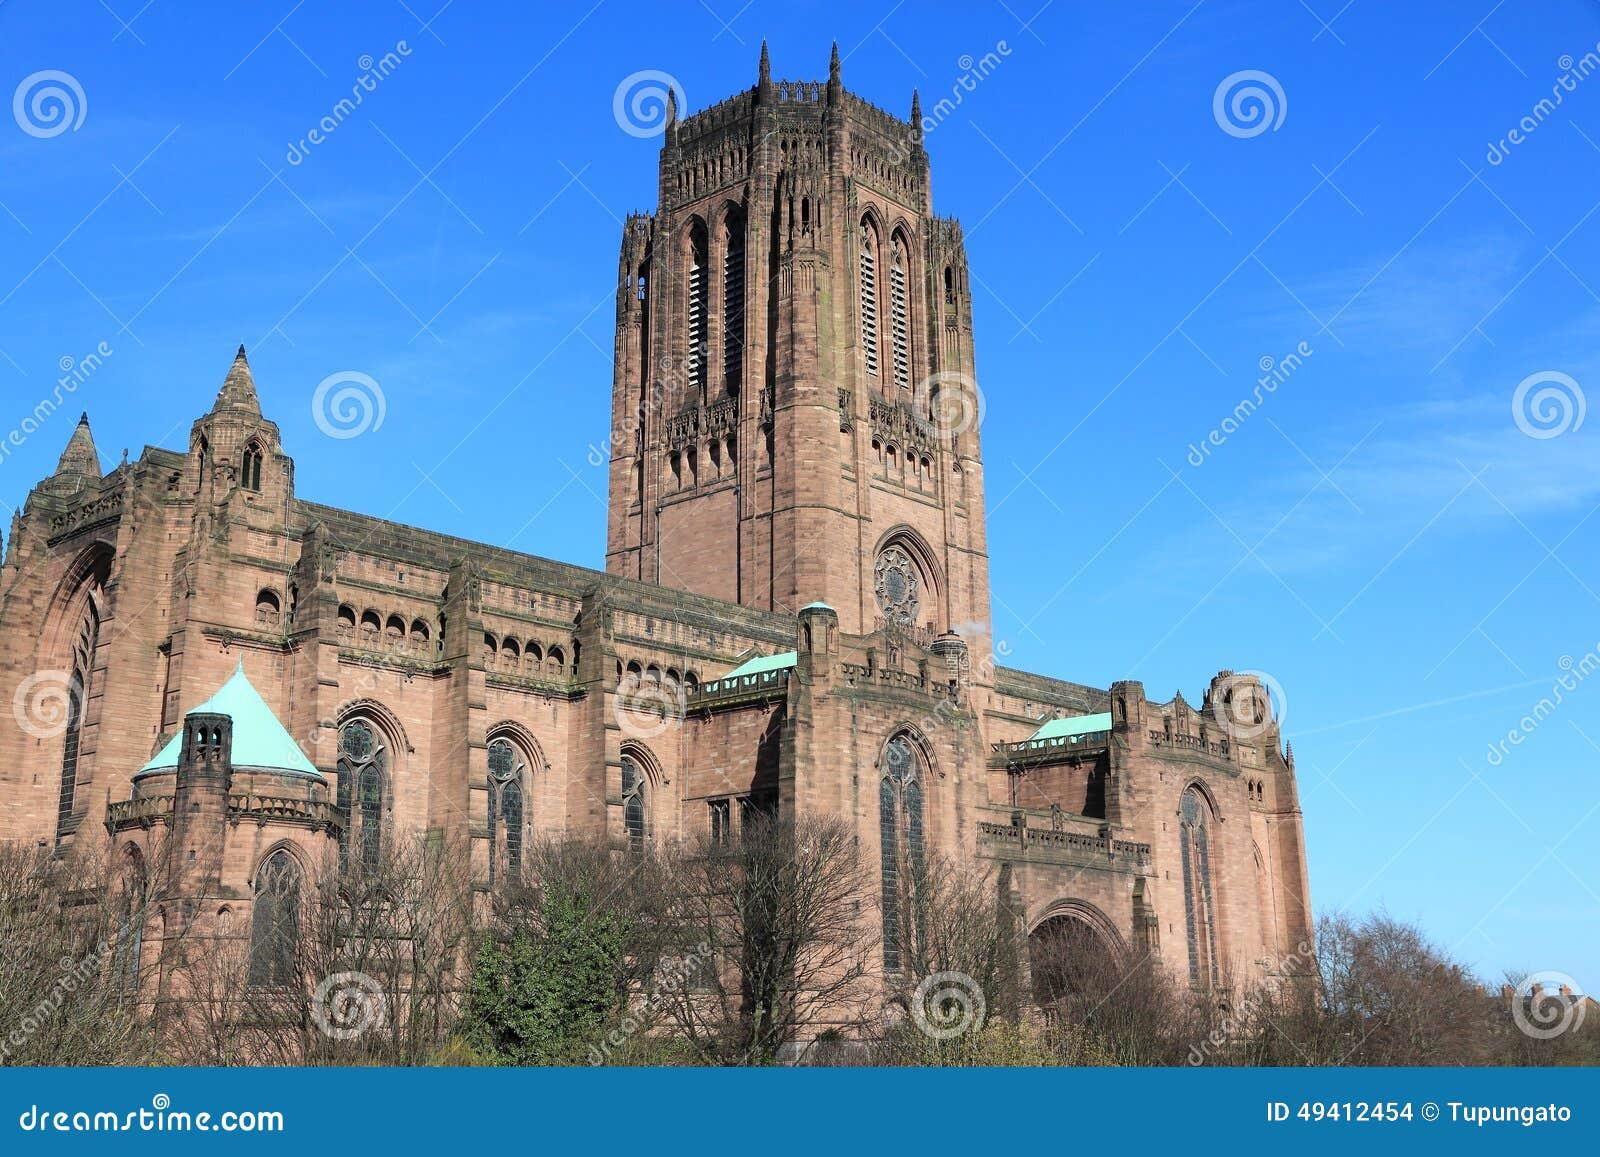 Download Liverpool-Kathedrale stockfoto. Bild von tourismus, zieleinheit - 49412454